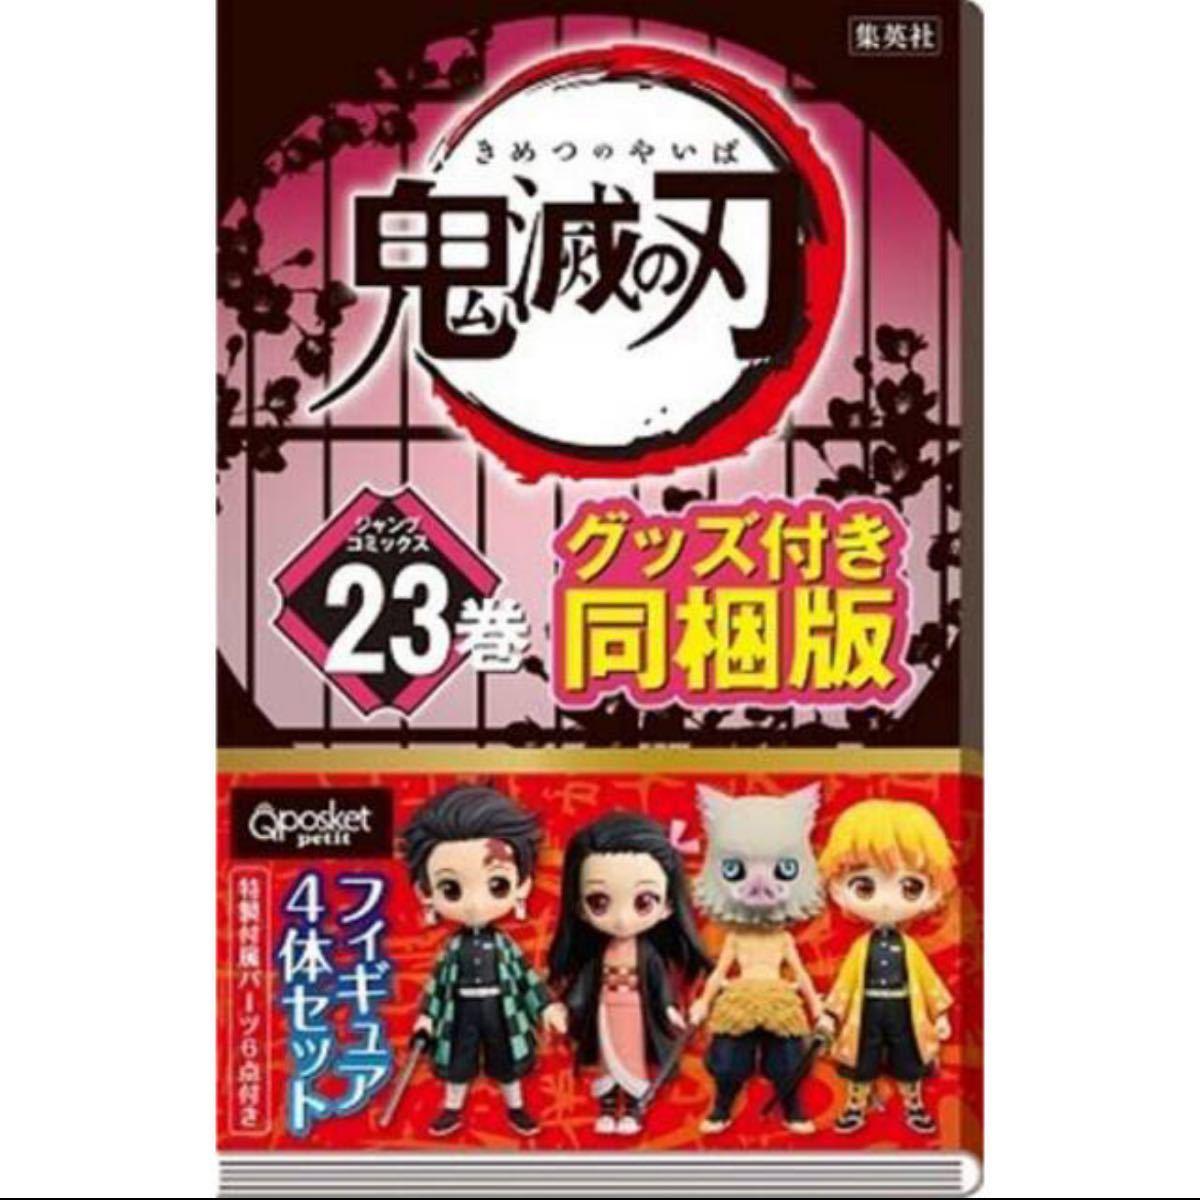 鬼滅の刃 23巻 フィギュア同梱版